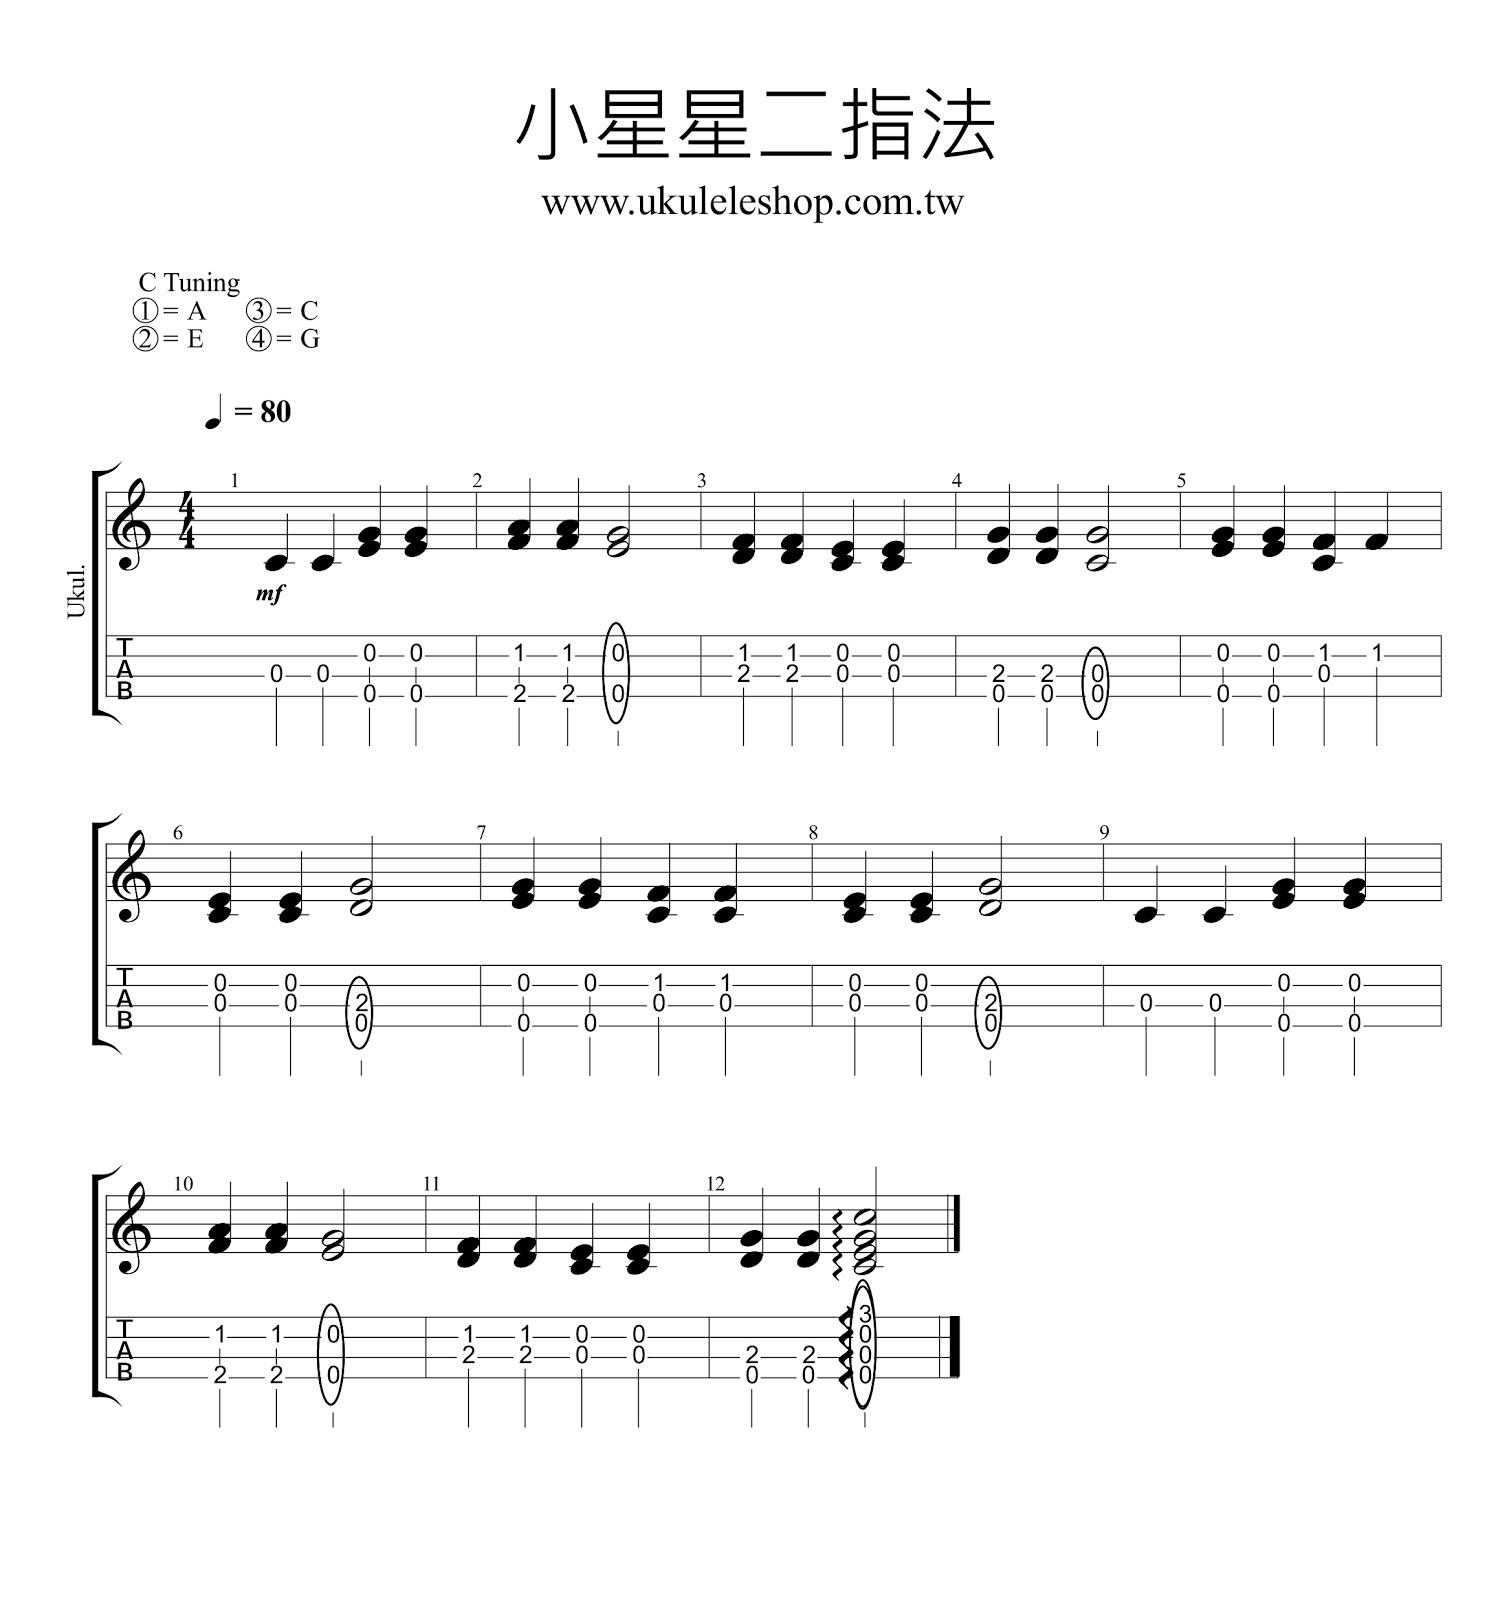 烏克麗麗二指法練習曲:小星星 - 小山烏克麗麗專門店